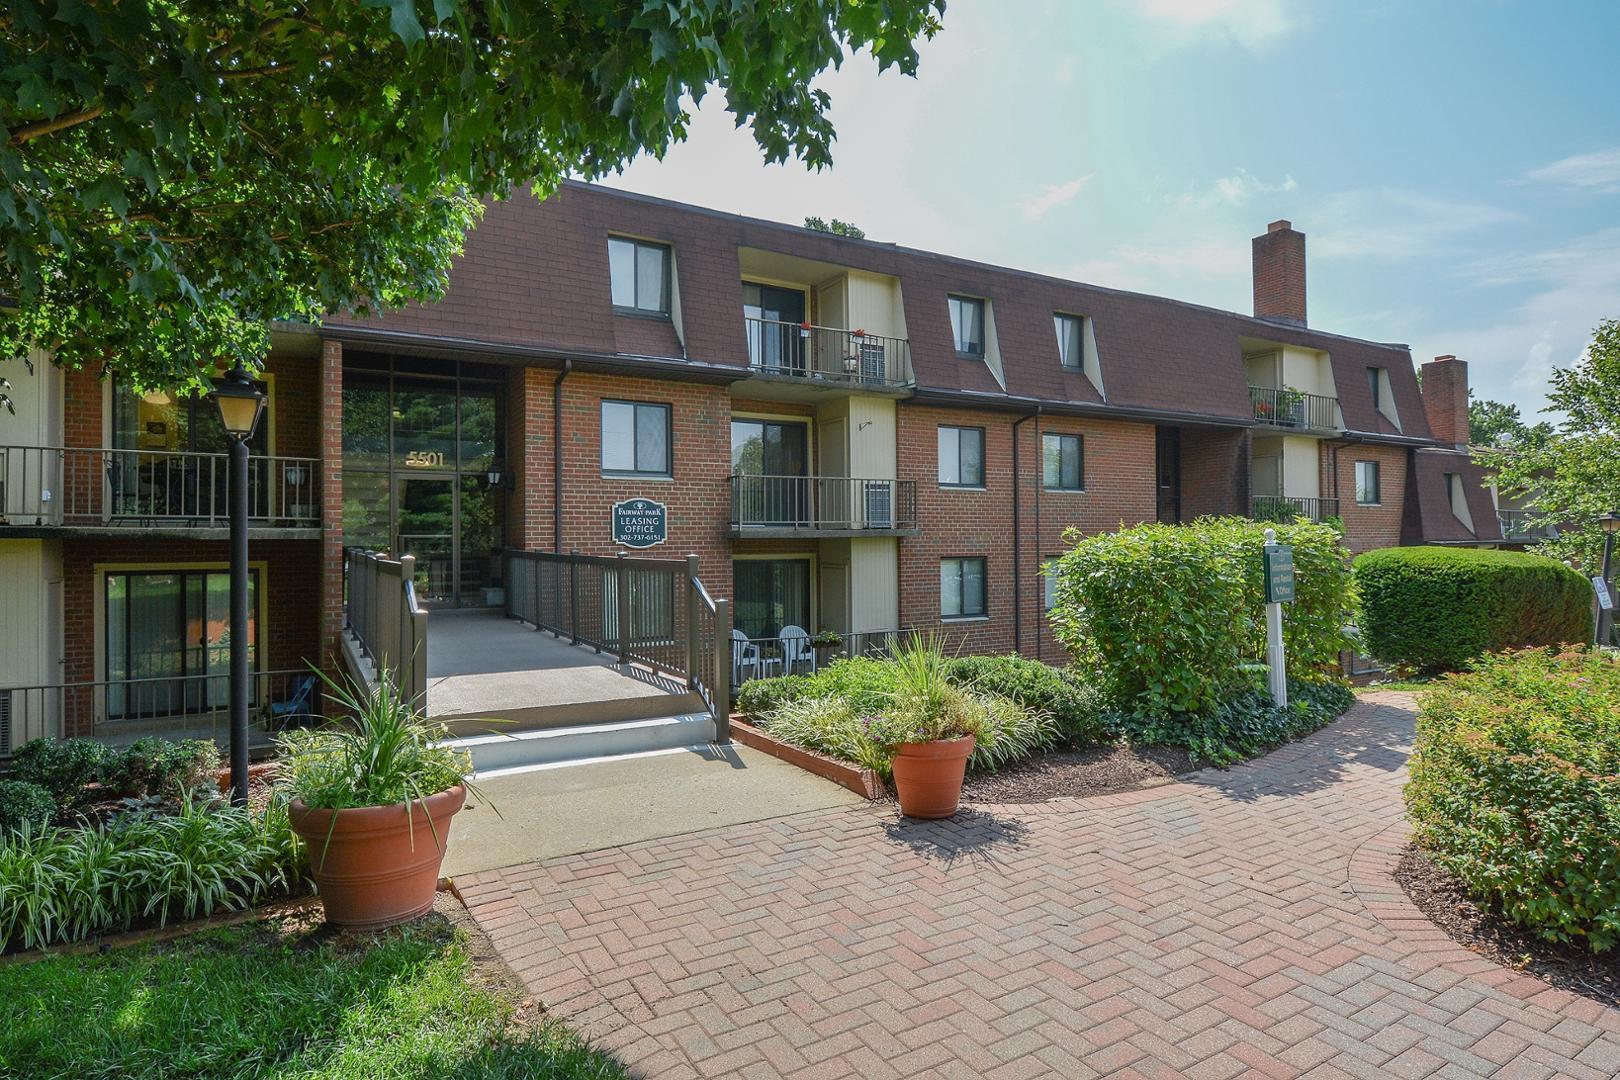 5501 Limeric Circle #2541, Wilmington, DE - 1,118 USD/ month